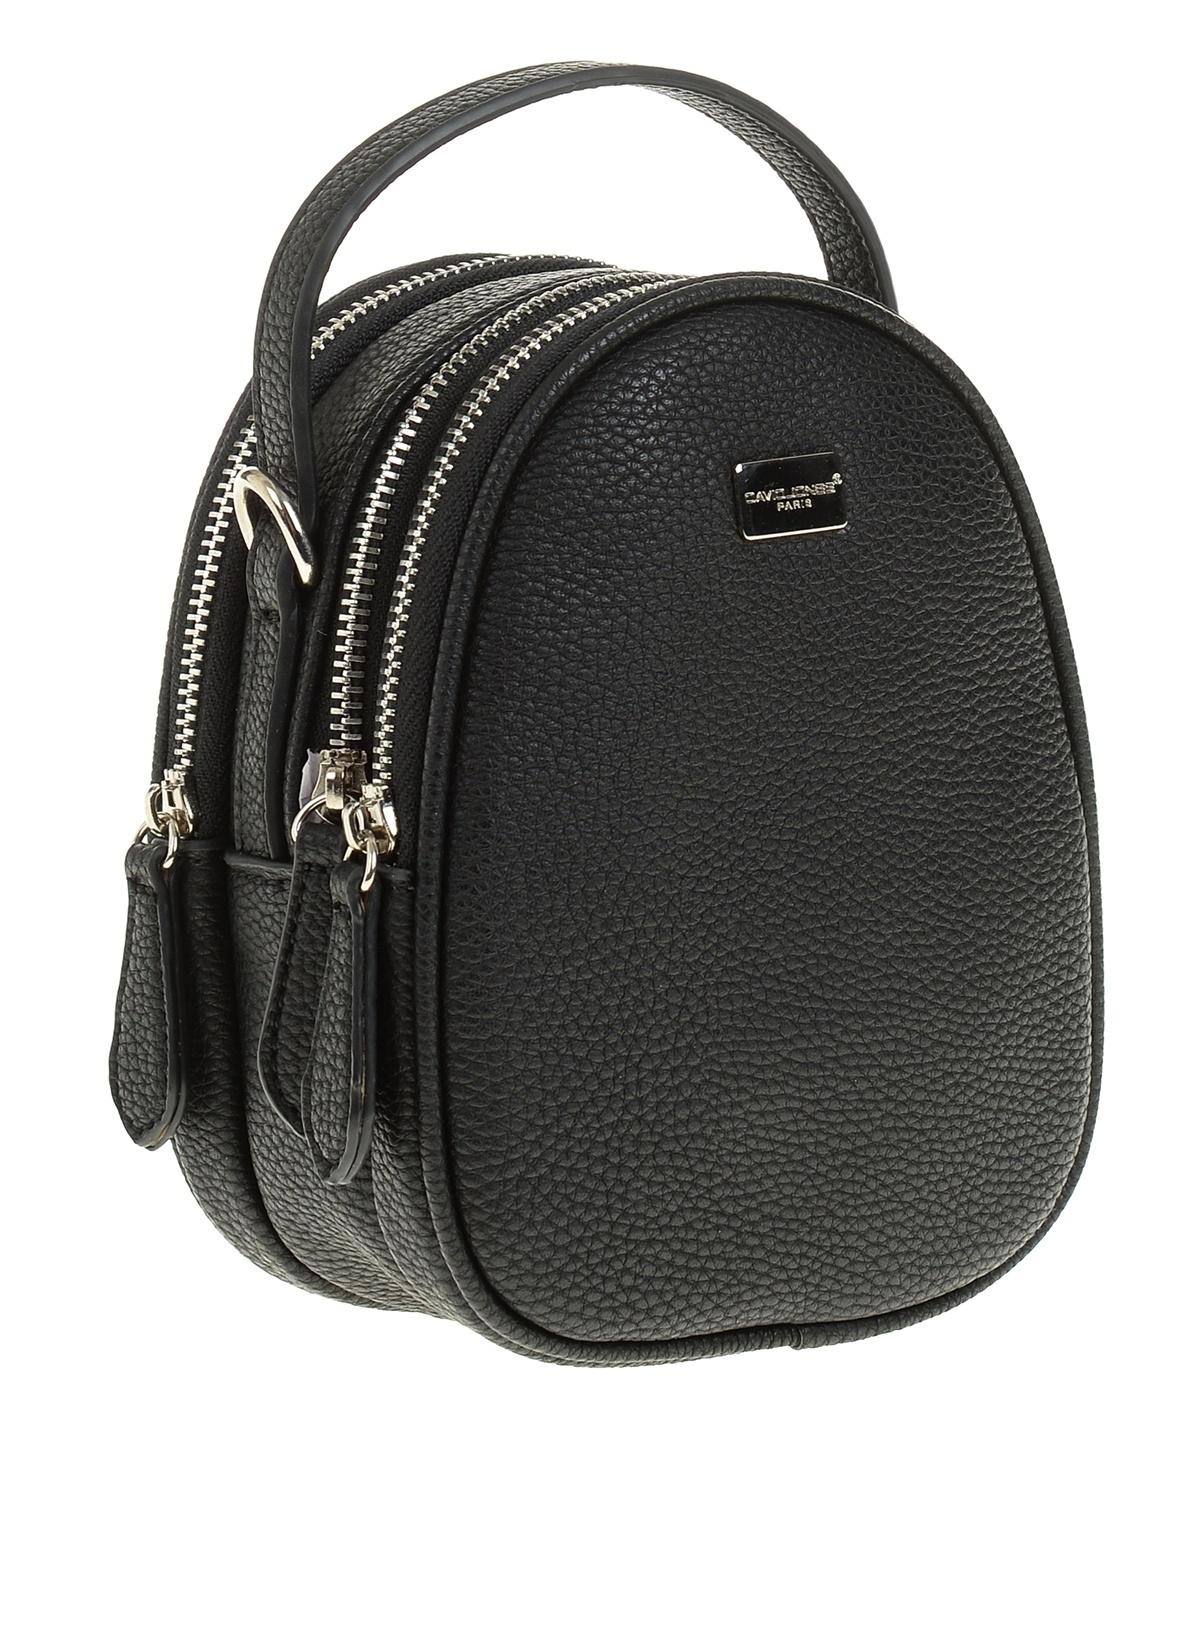 Sav On Bags >> David Jones Kadin Canta Siyah Indirimli Fiyat Morhipo 23130899